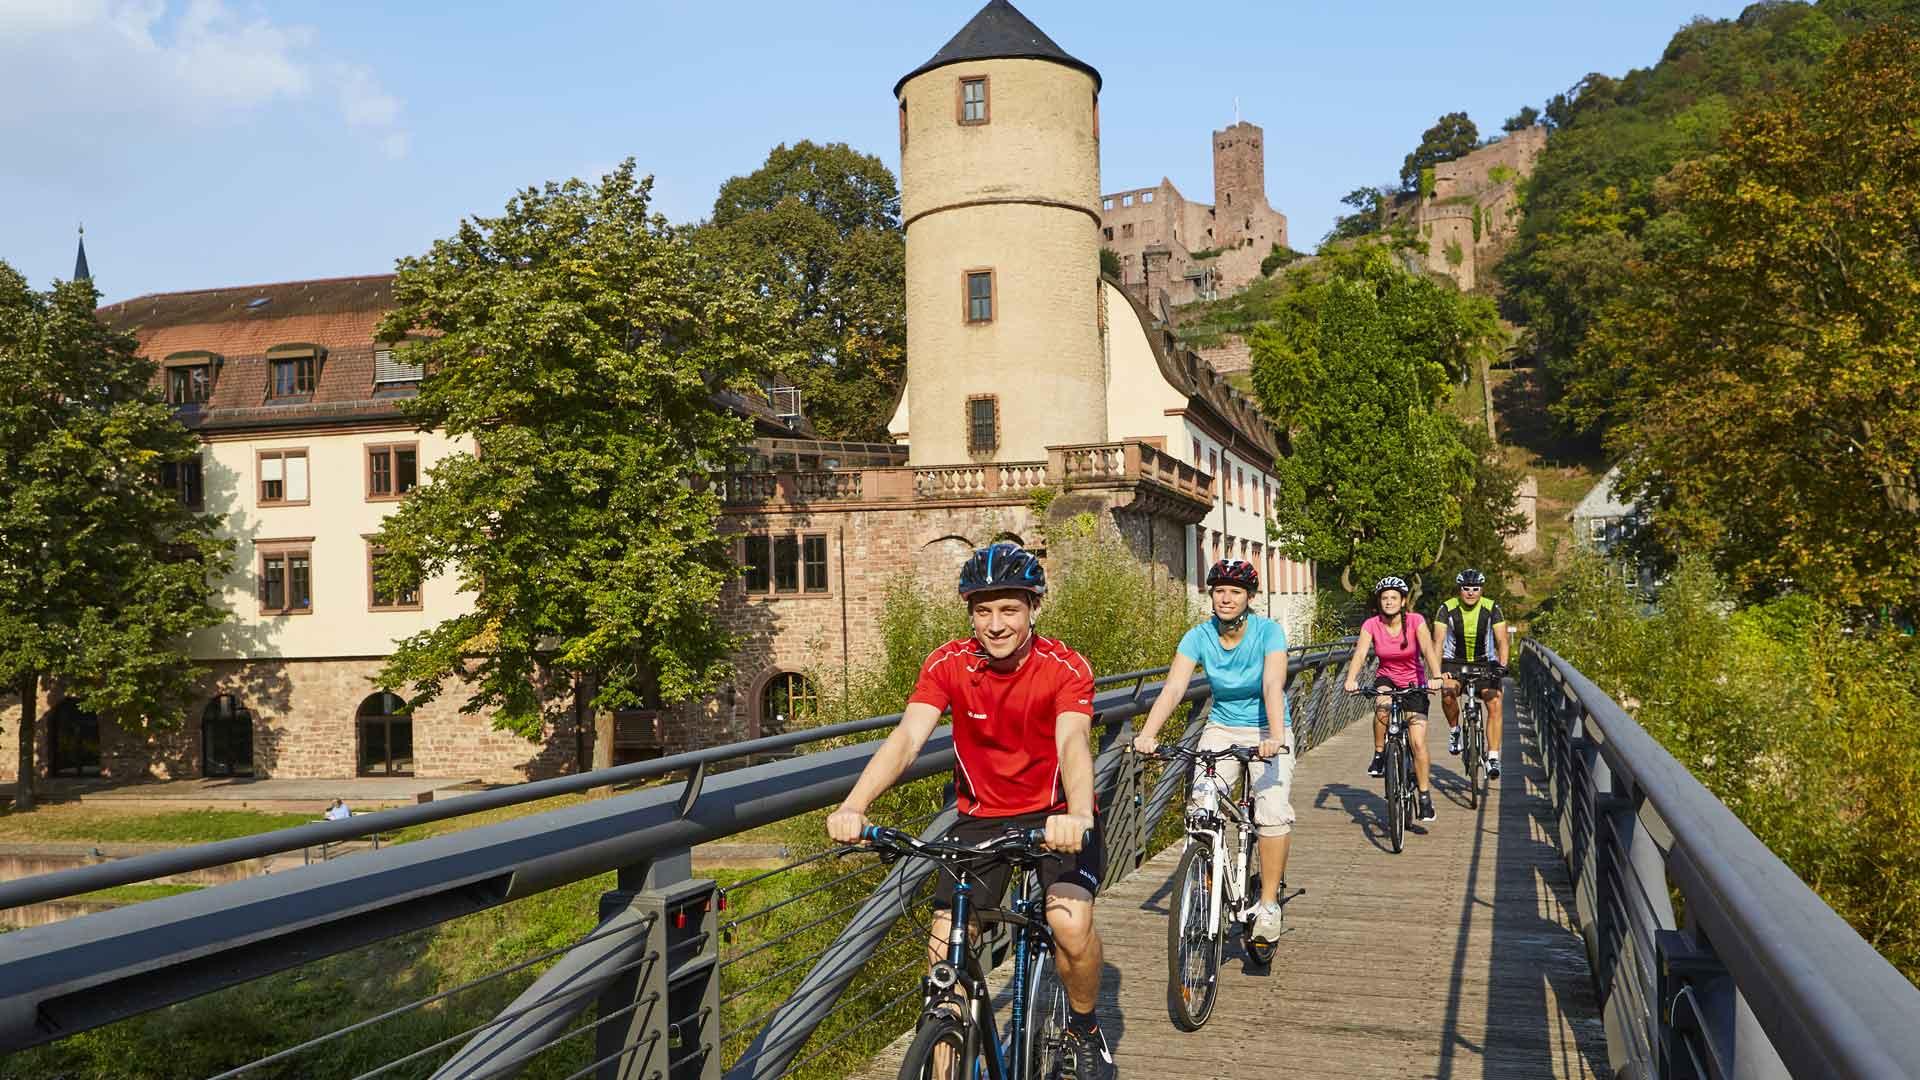 De burcht in Wertheim: een van de hoogtepunten tijdens een fietsvakantie in het Liebliches Taubertal. © Liebliches Taubertal - Peter Frischmuth.